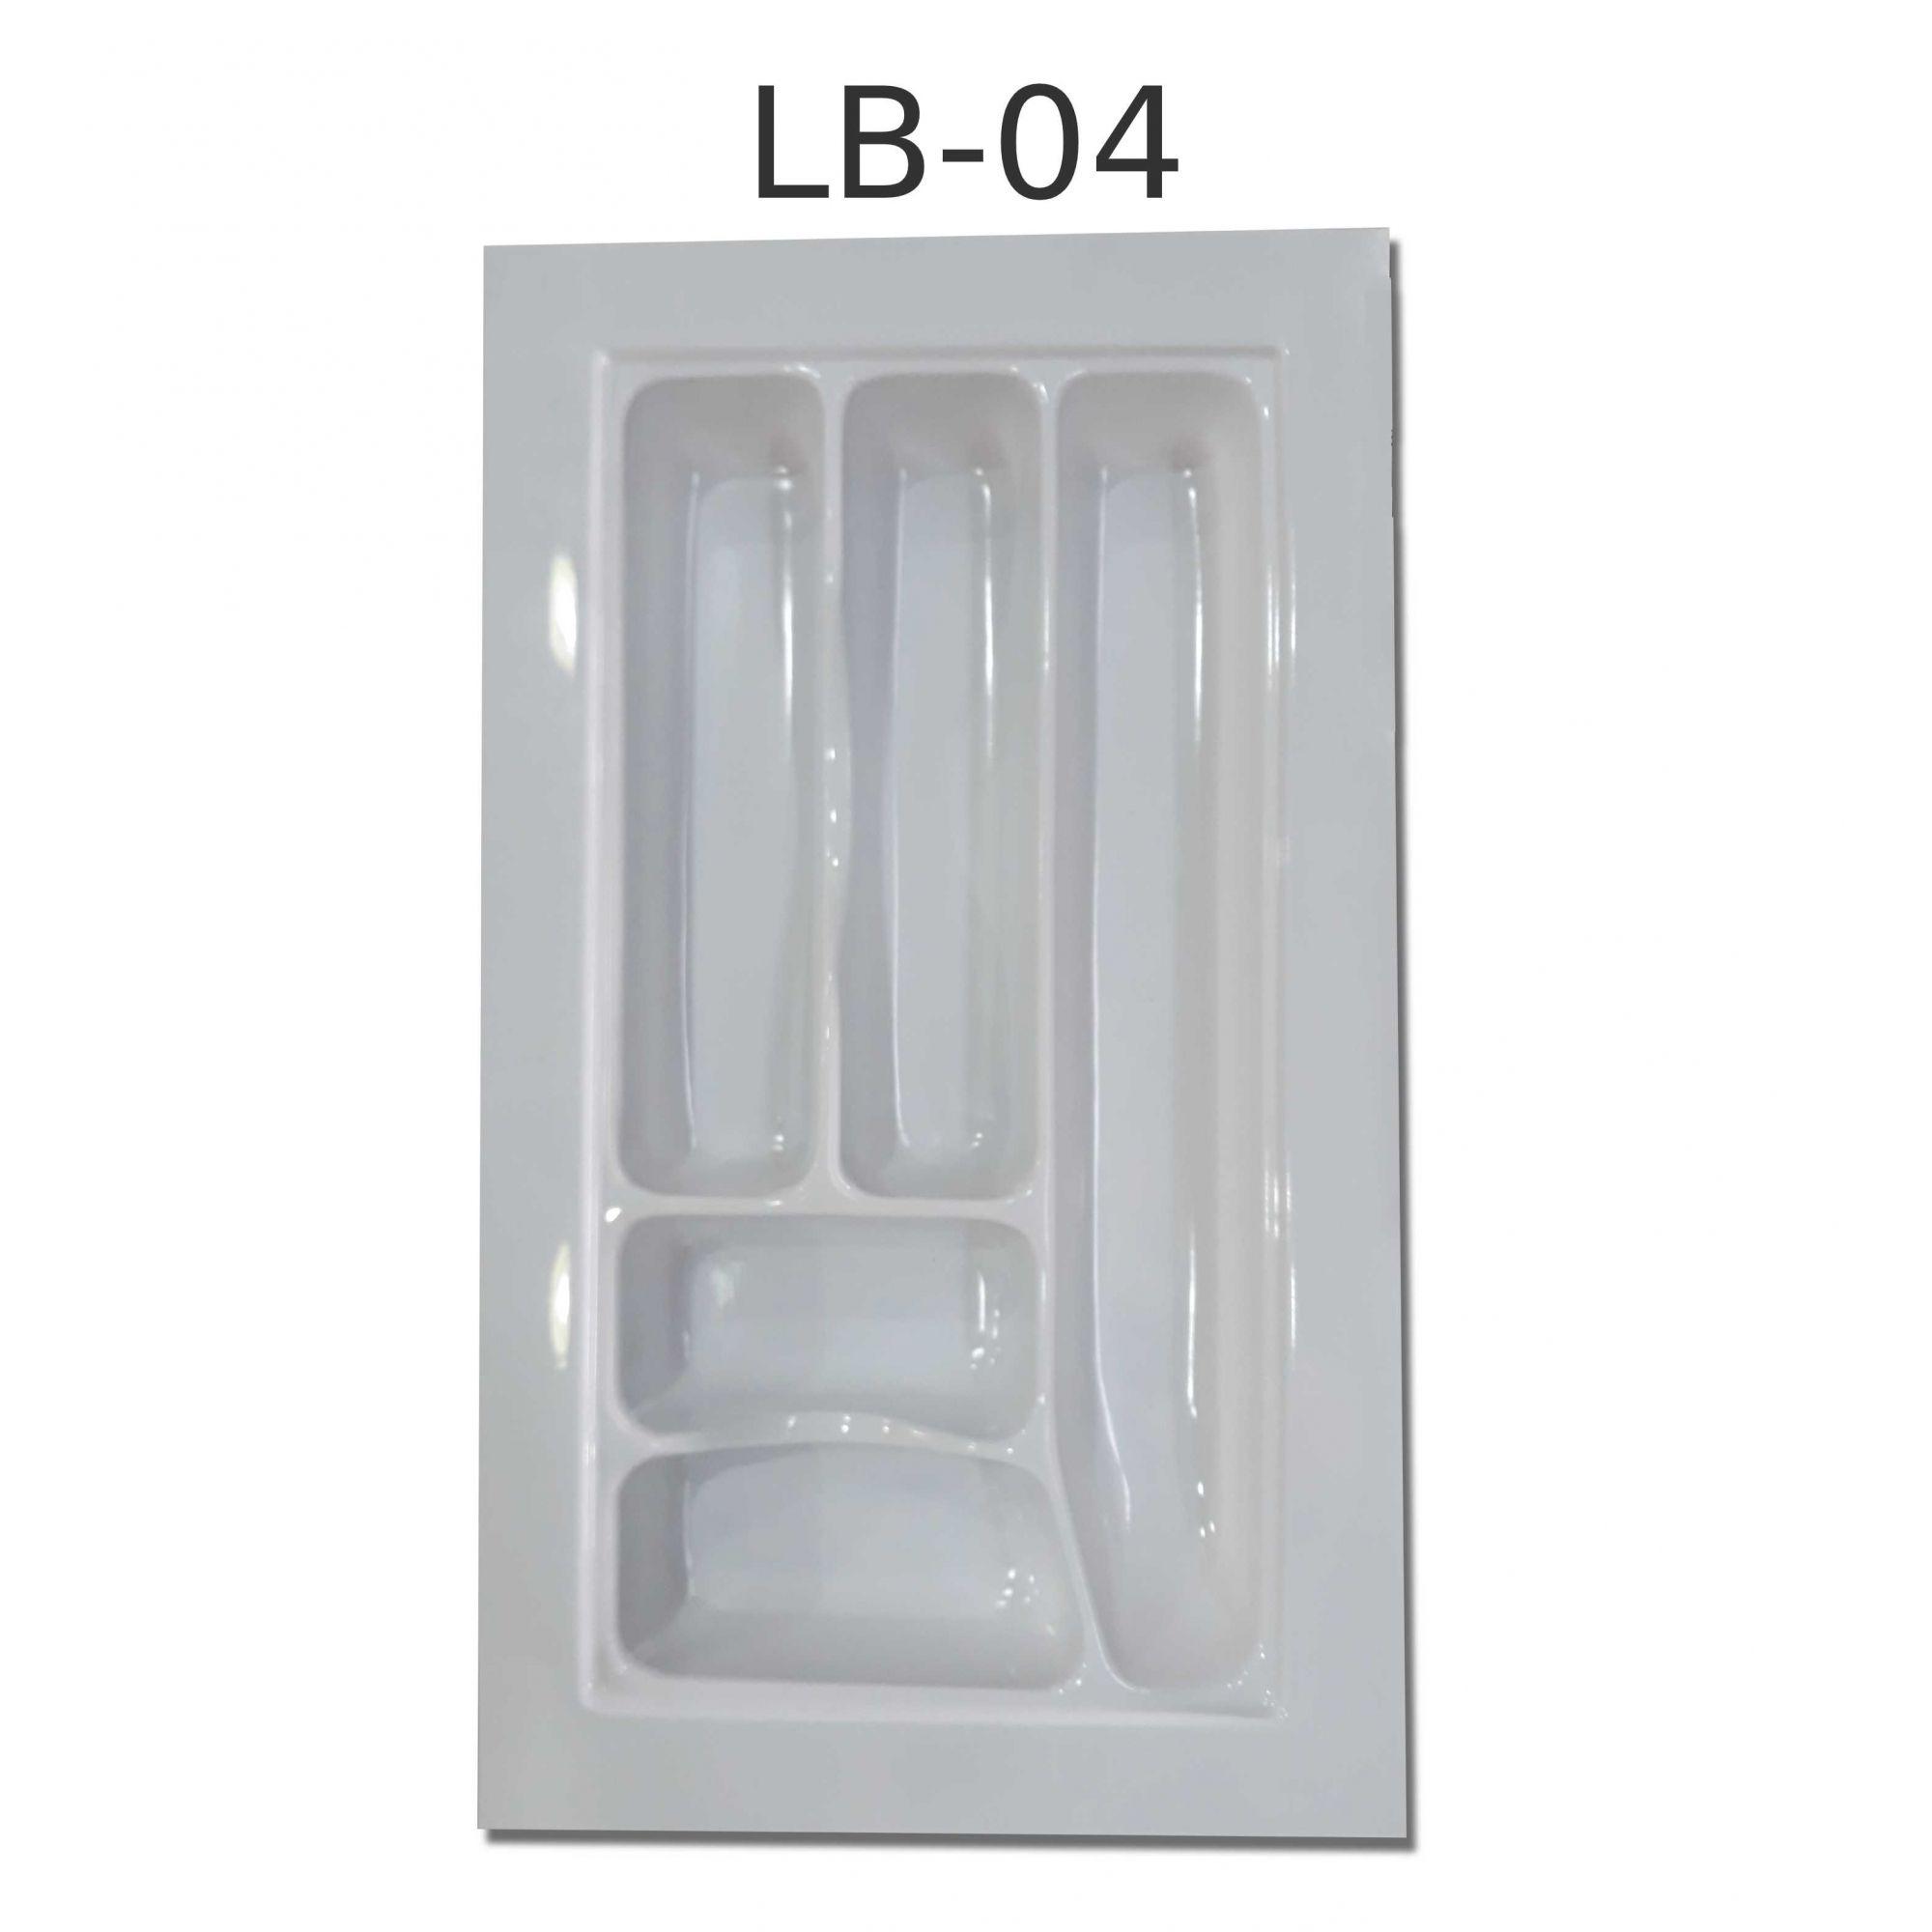 Organizador de Talher LB-04 Ajustável (49,5x28,5 cm) Branco